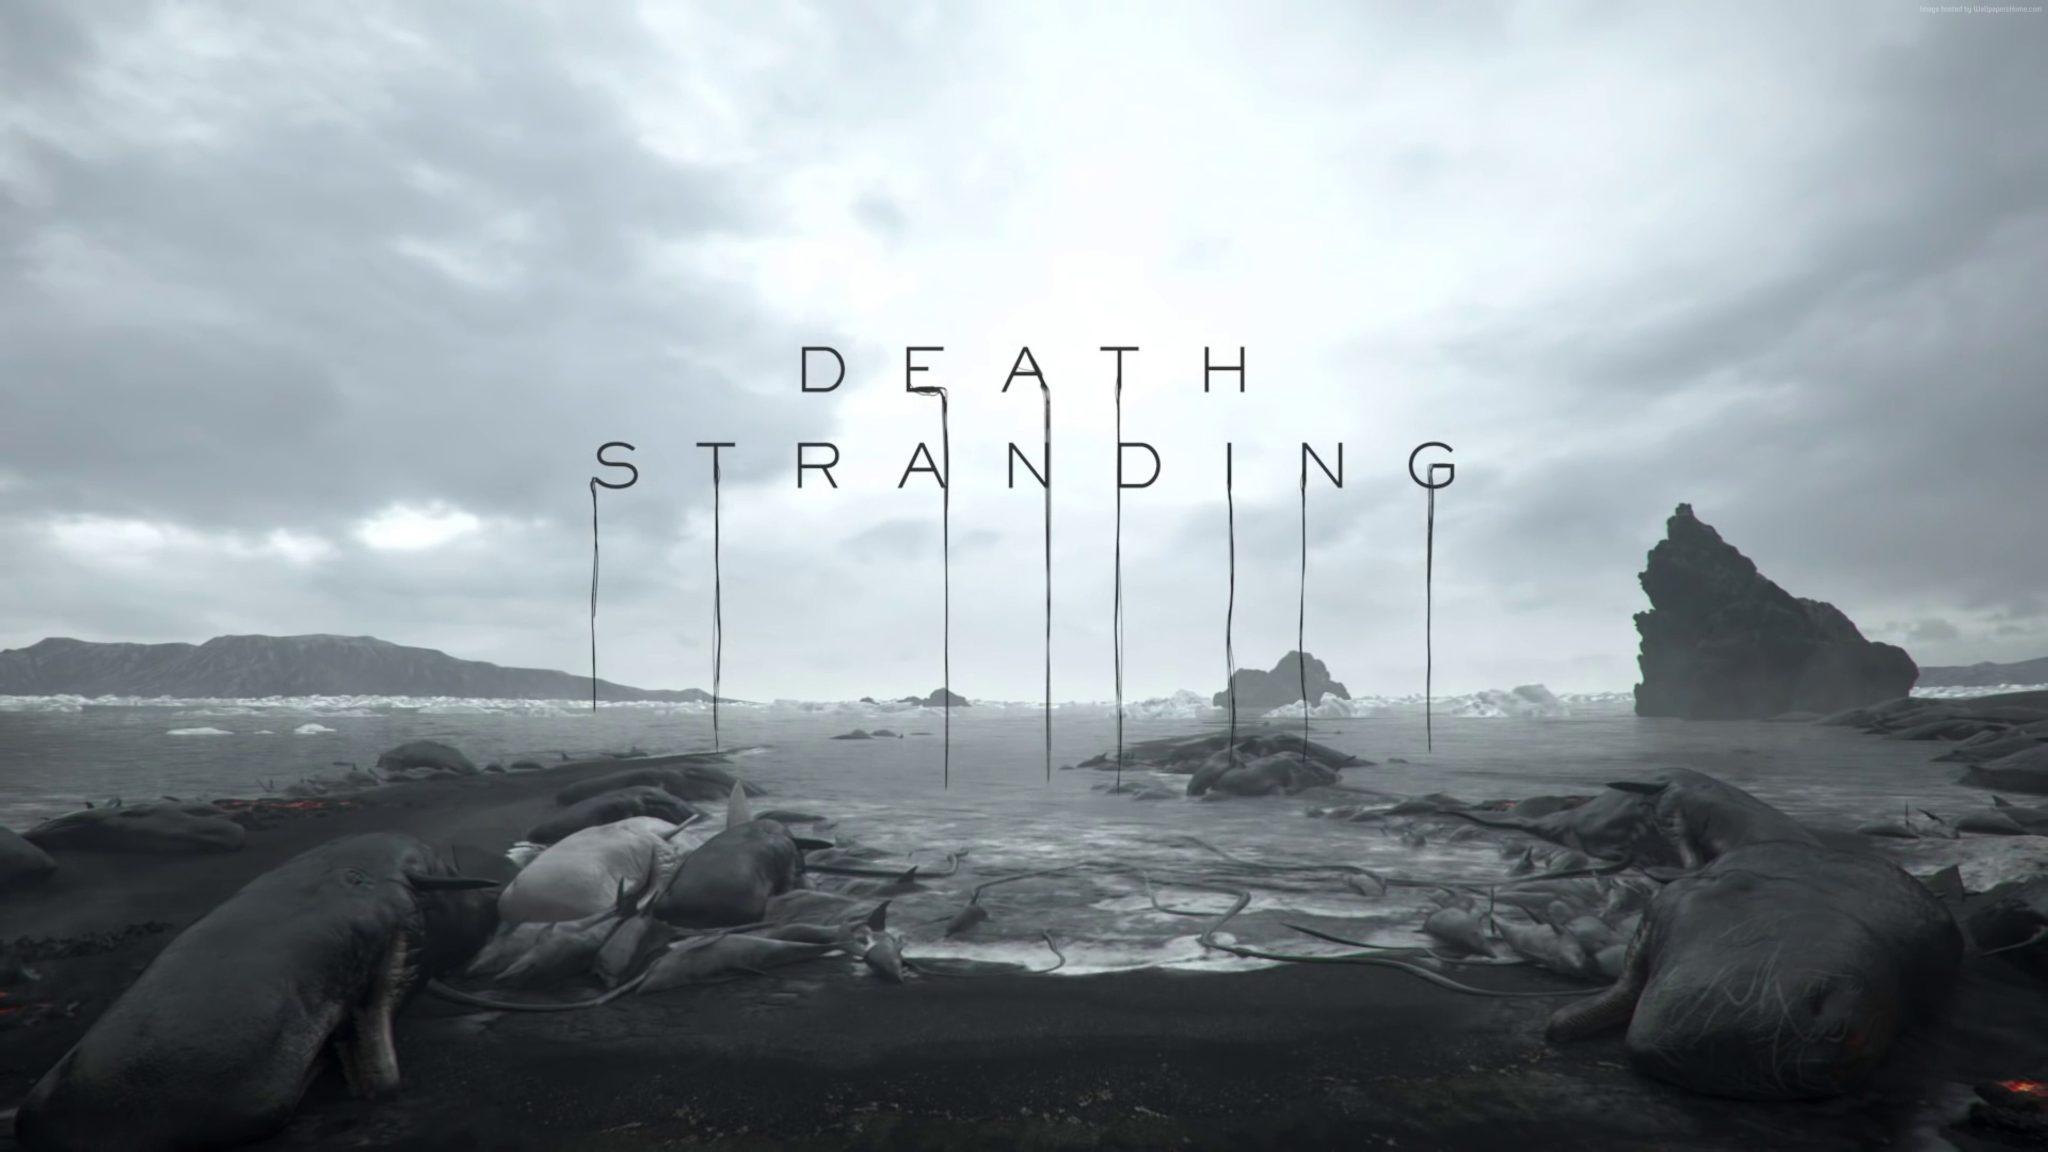 صداپیشگان ژاپنی بازی Death Stranding معرفی شدند | یاران همیشگی کوجیما